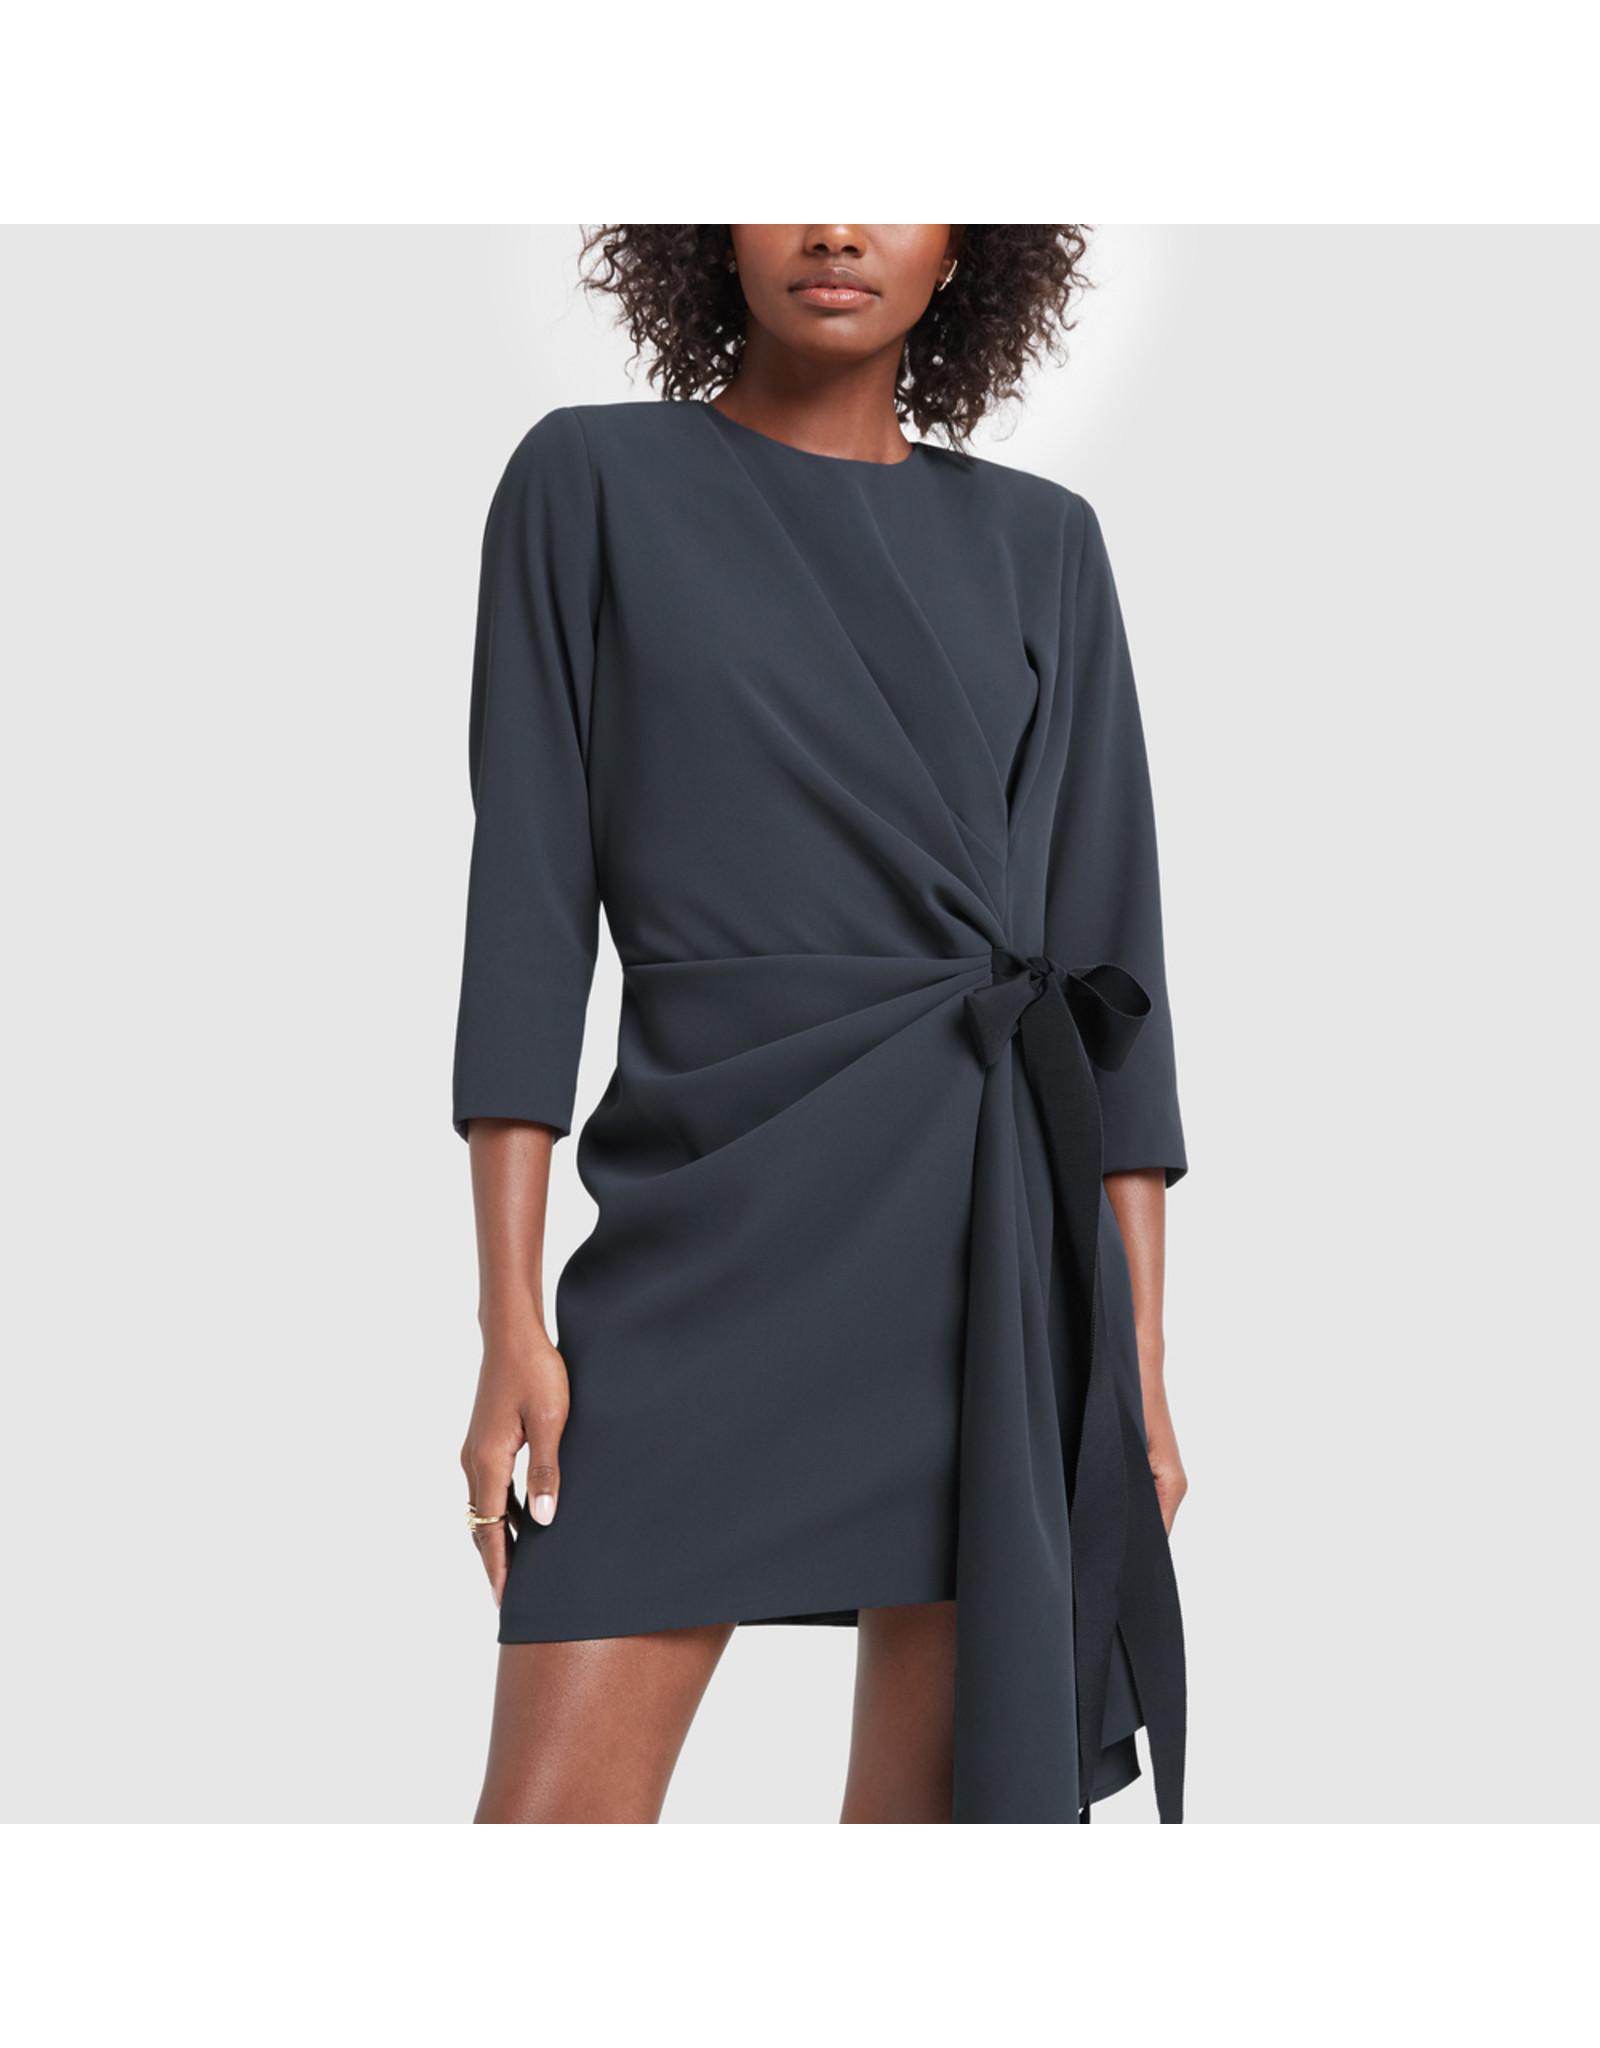 G. Label G. Label Lai Side-Pleat Dress (Size: 2, Color: Navy)